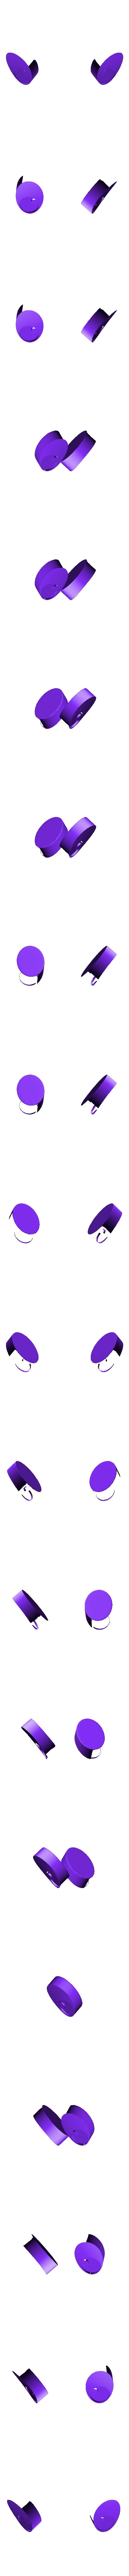 Eyes_White.stl Télécharger fichier STL gratuit Porte-stylo Hérisson Multi-Couleurs Hérisson • Modèle pour impression 3D, MosaicManufacturing